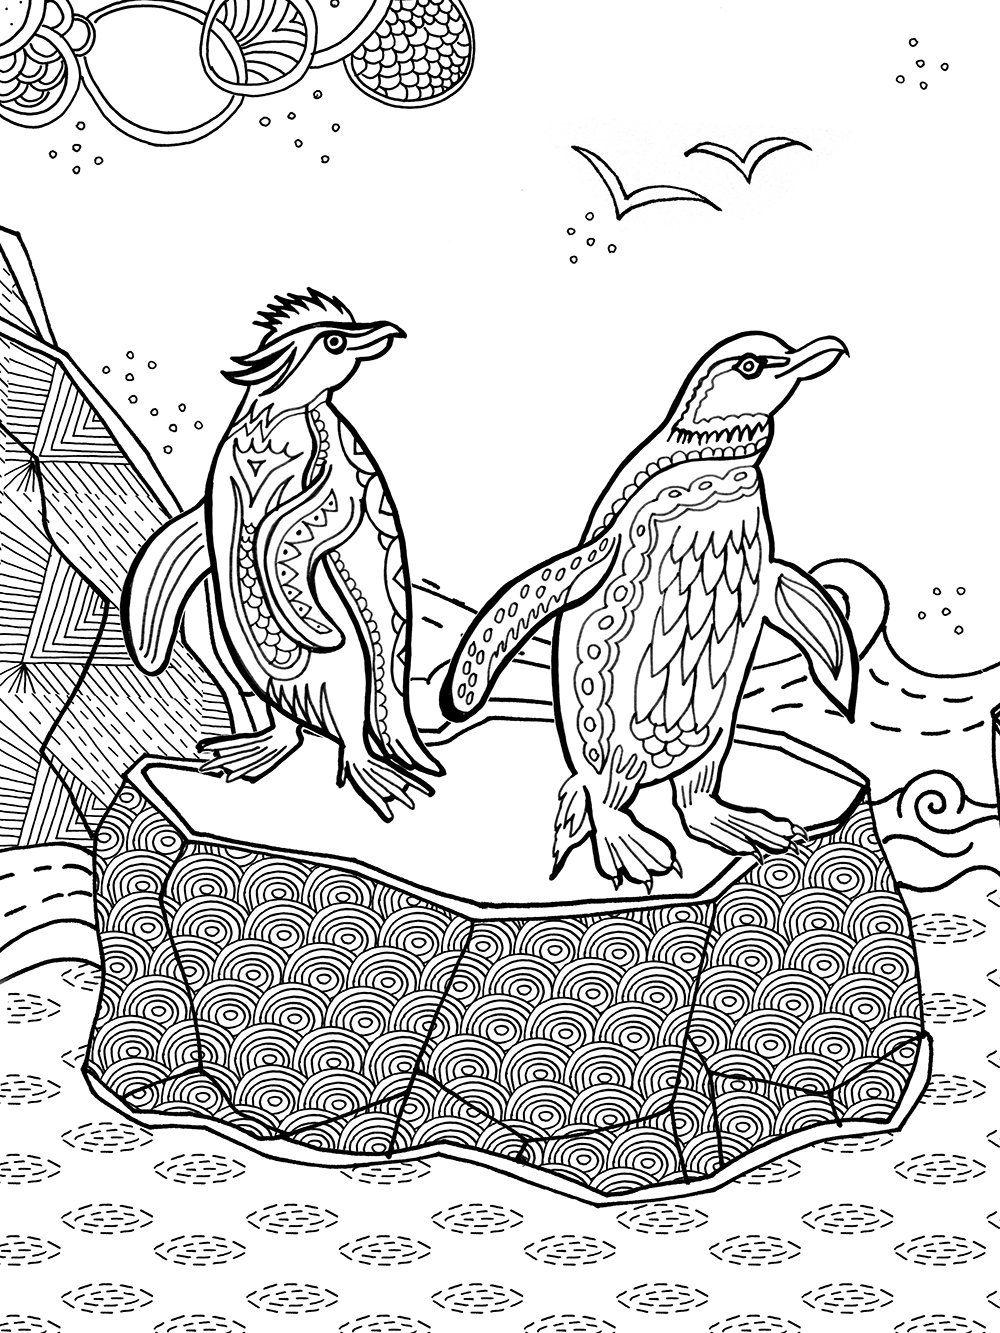 Ausmalbilder Erwachsene Tiere : Fantastisches Reich Der Tiere Meditatives Ausmalen Amazon De